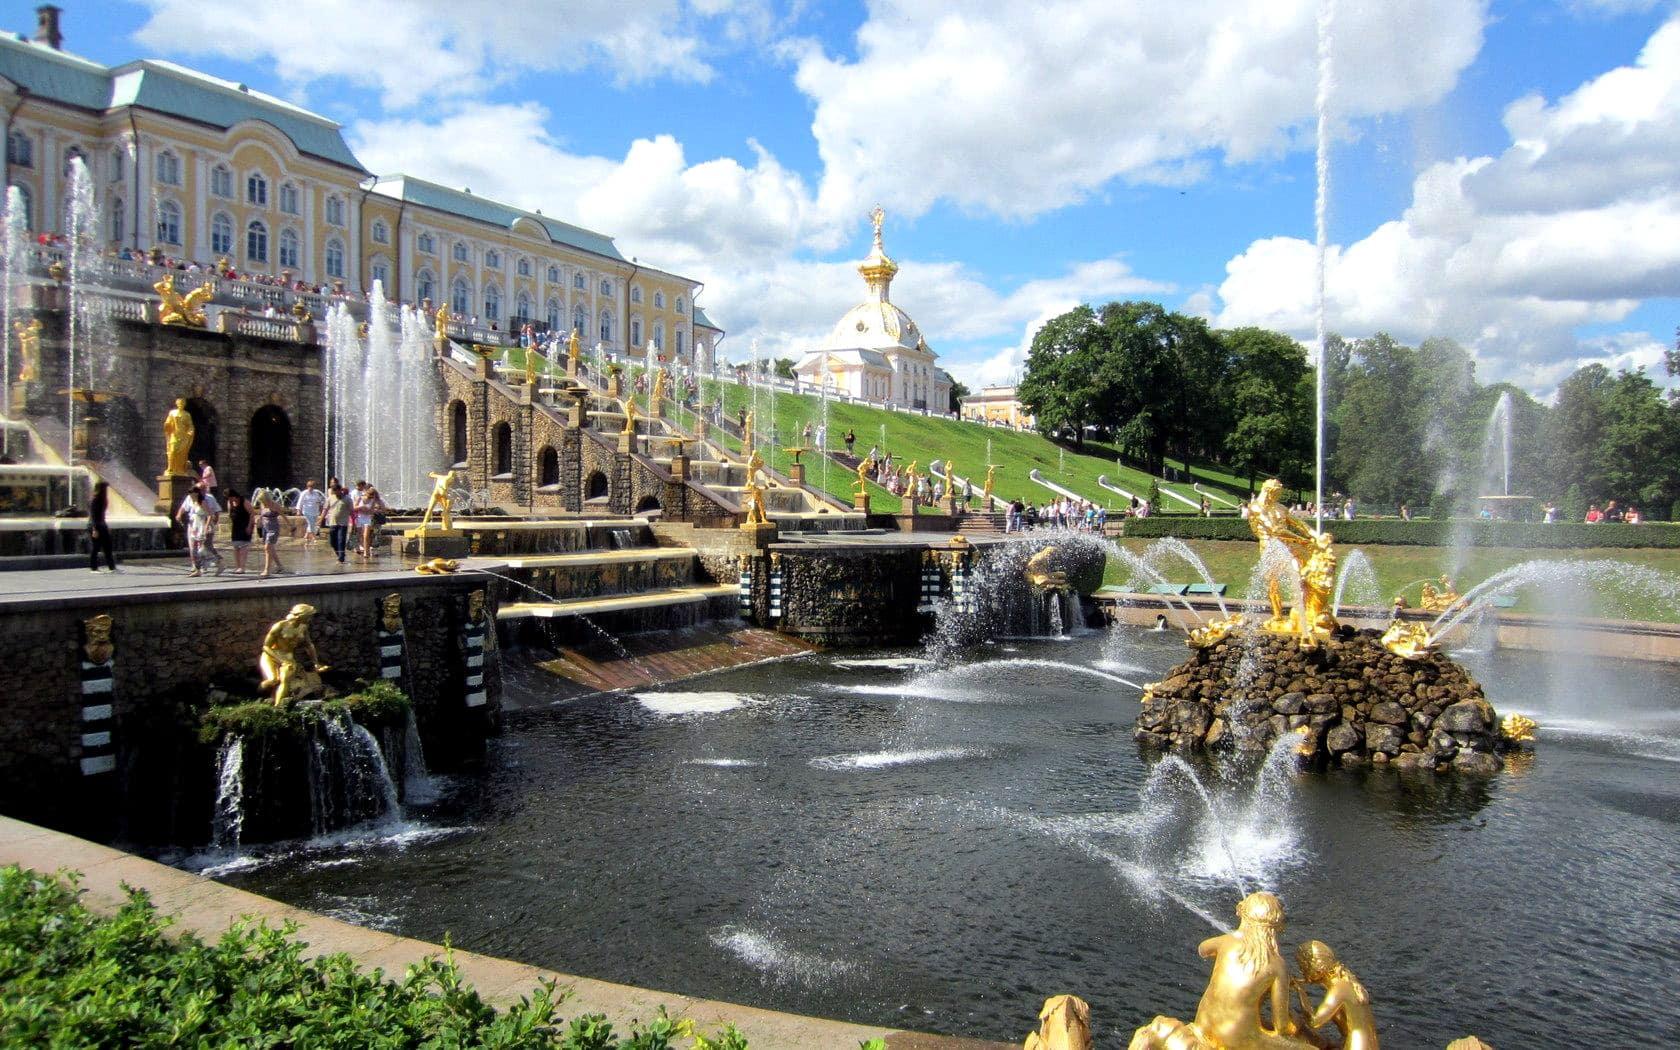 фото ЗакС политика Из-за пандемии в Петергофе перенесли открытие фонтанов